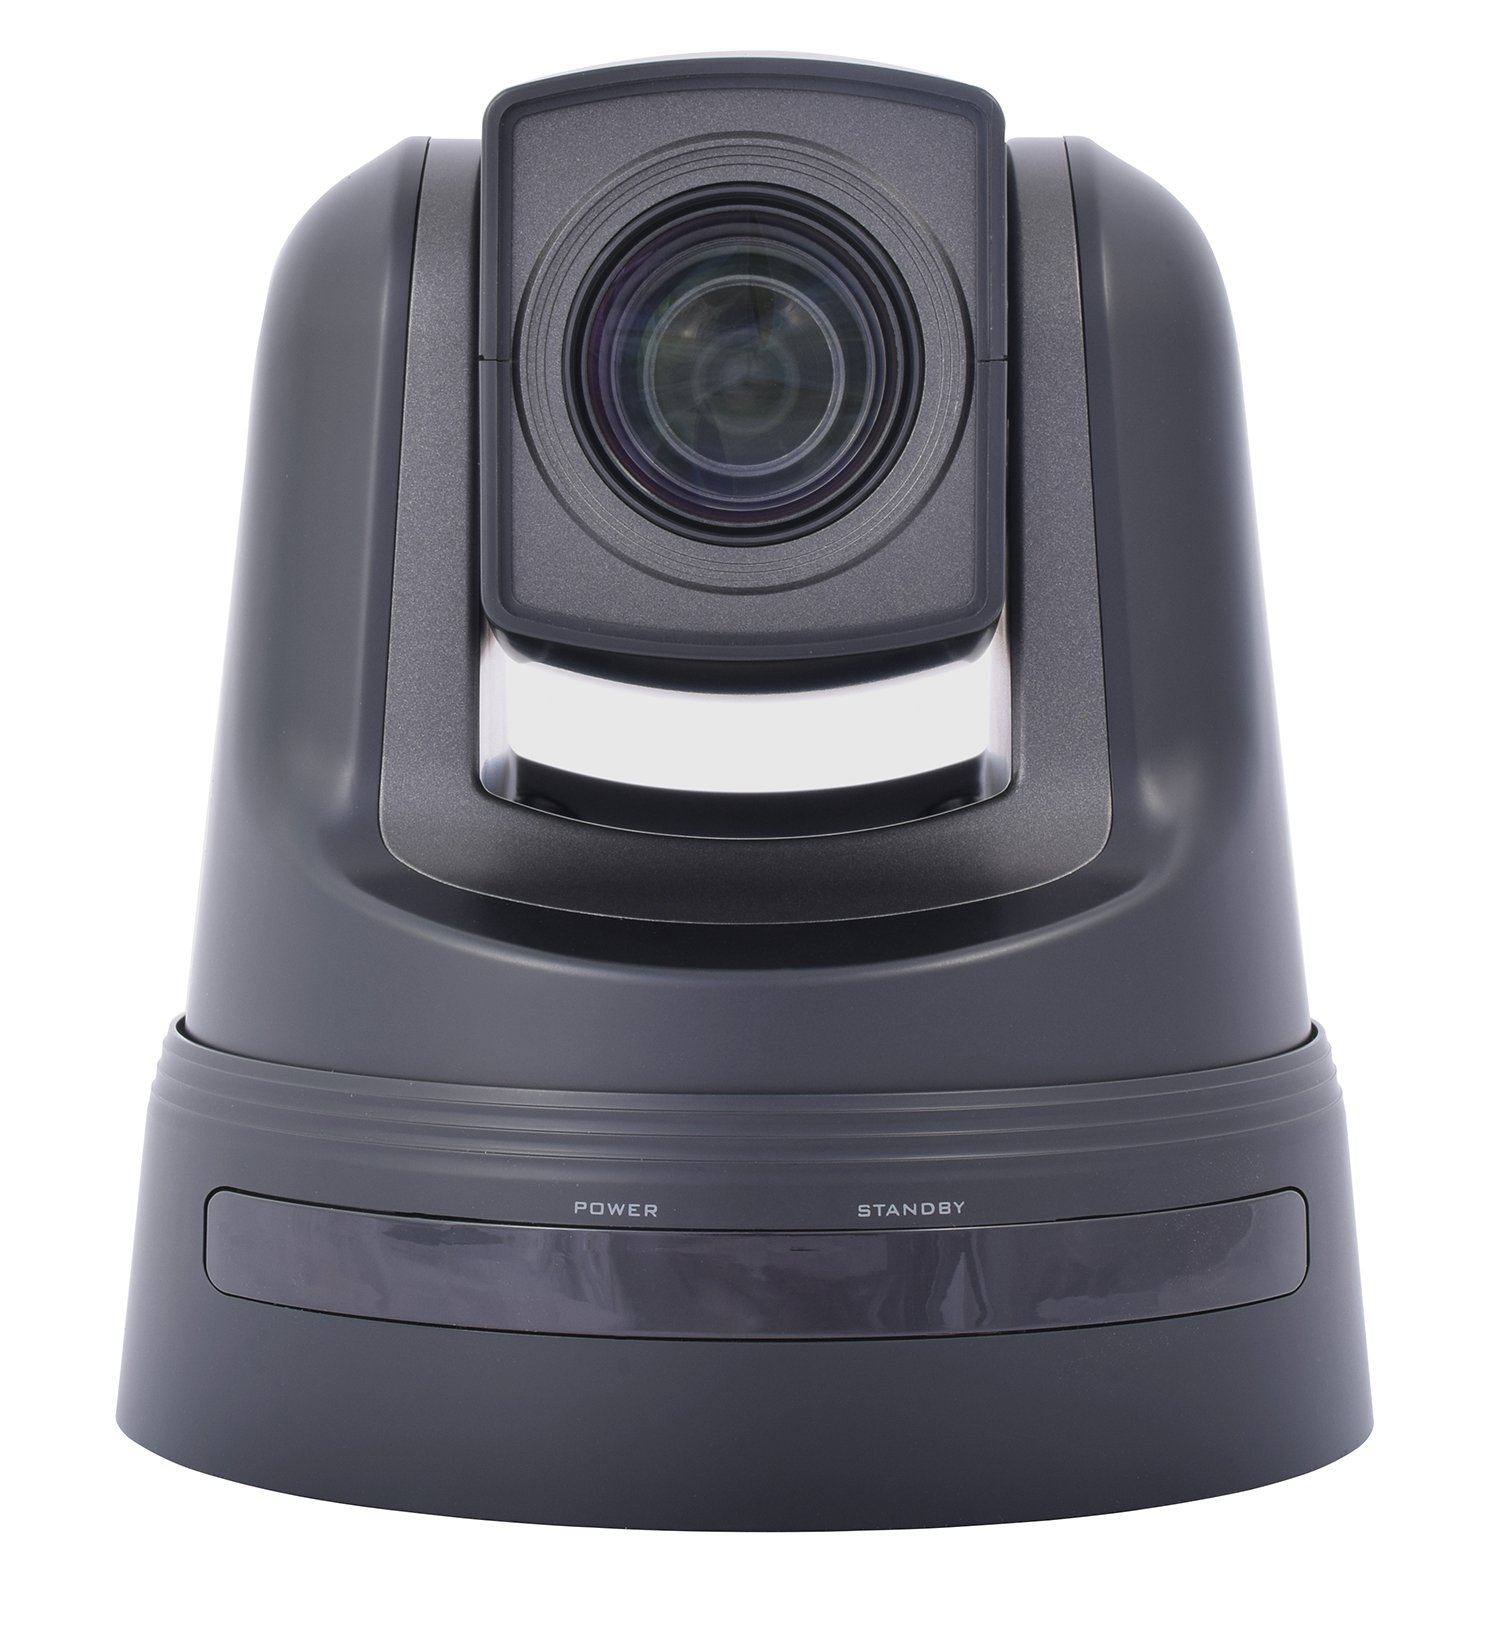 AIDA PTZ3-X20L 3G-SDI/HDMI Full HD Broadcast 20X Zoom PTZ Camera by AIDA